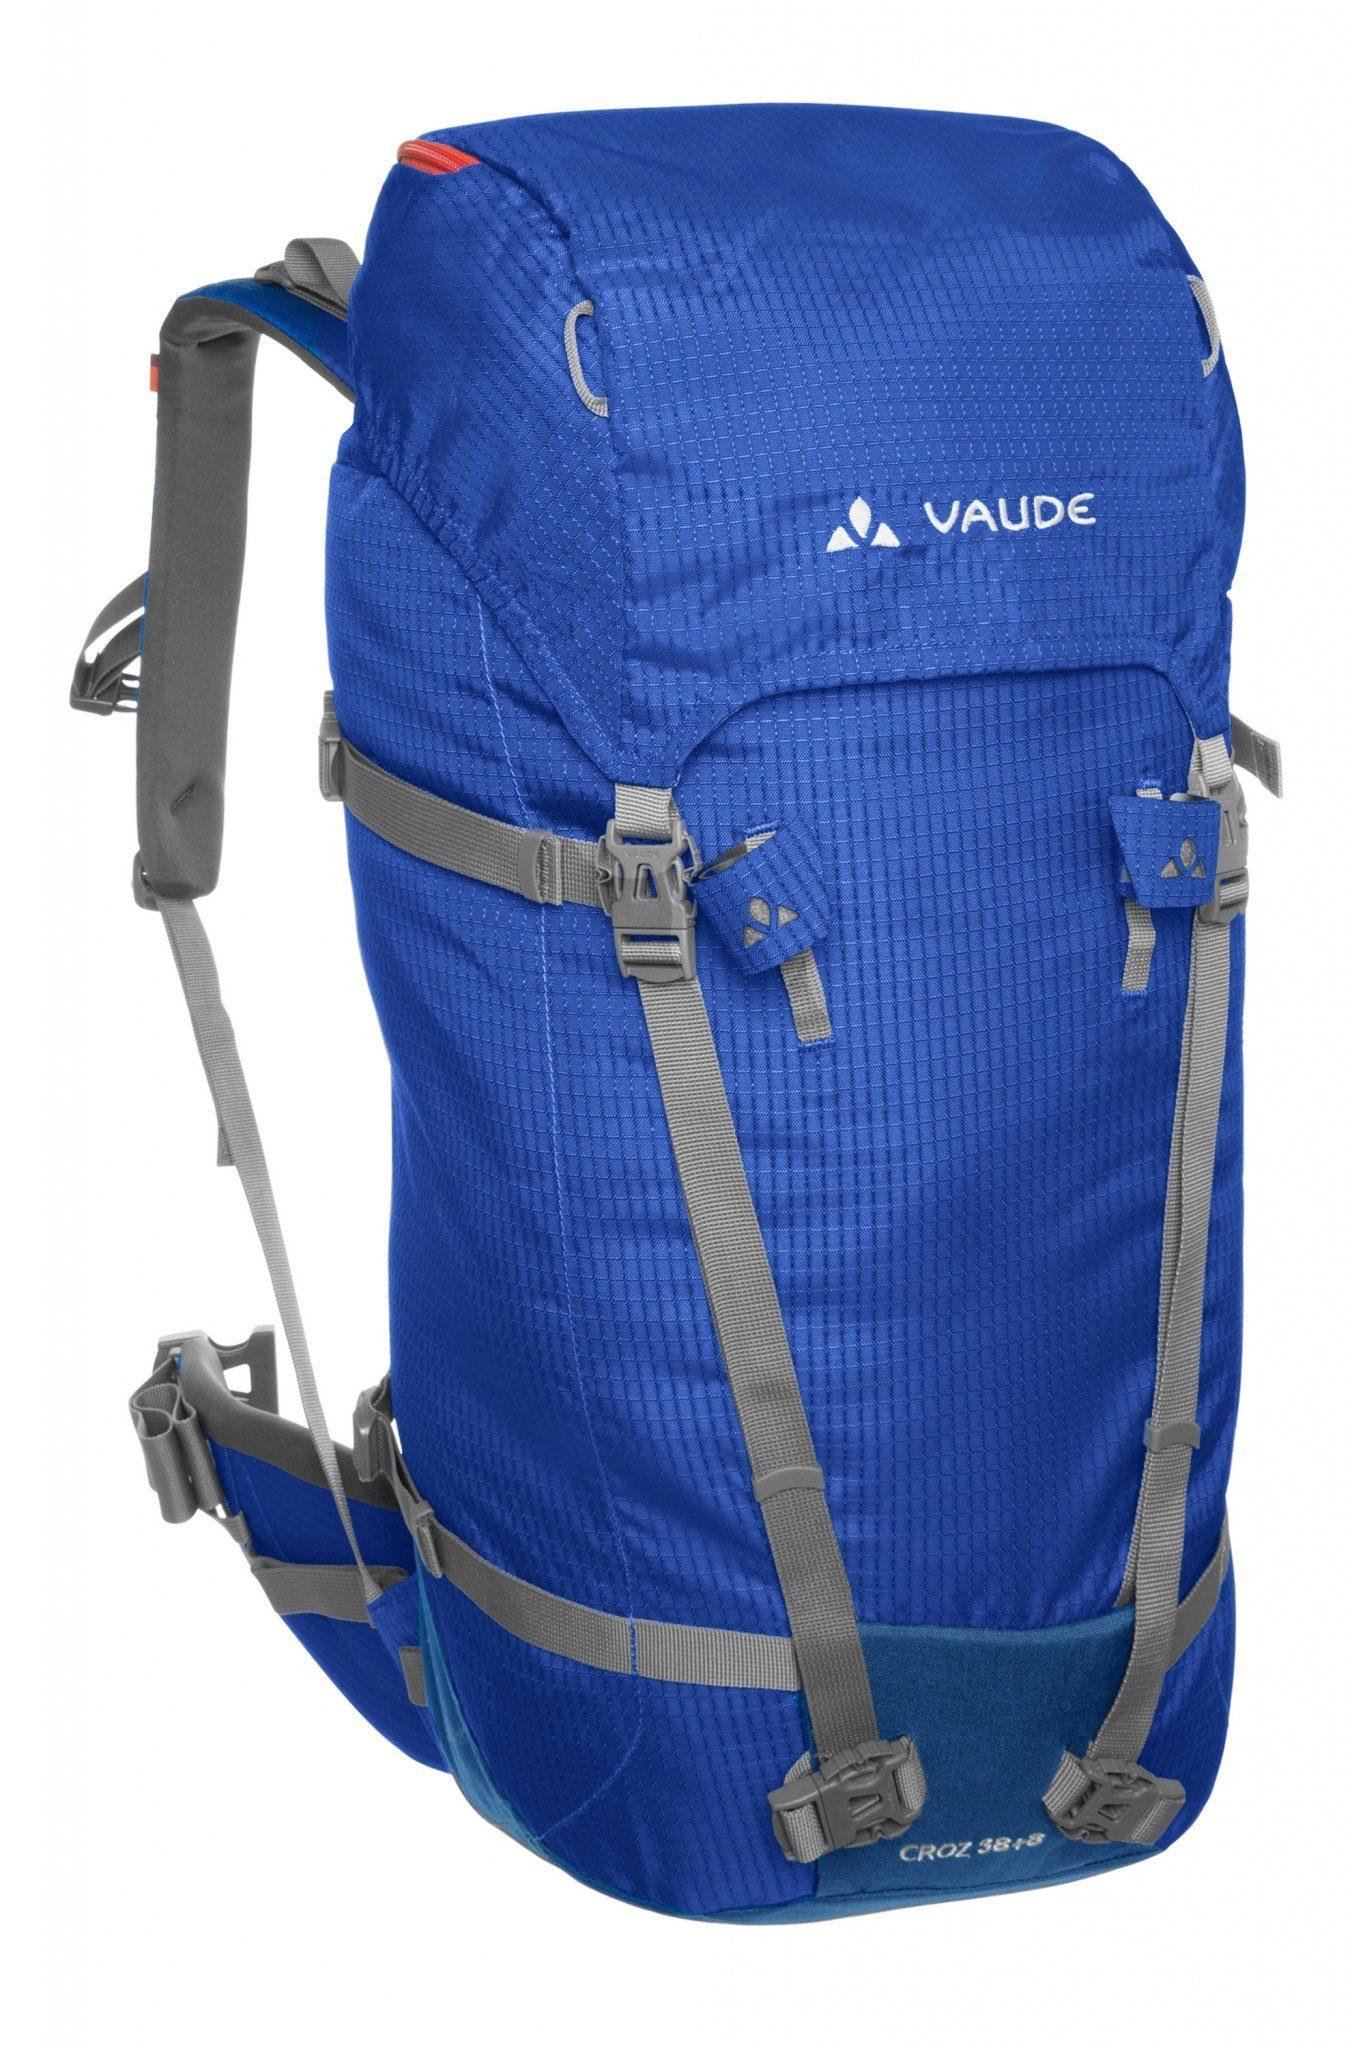 VAUDE Sport- und Freizeittasche »VAUDE Croz 38+8 Backpack«